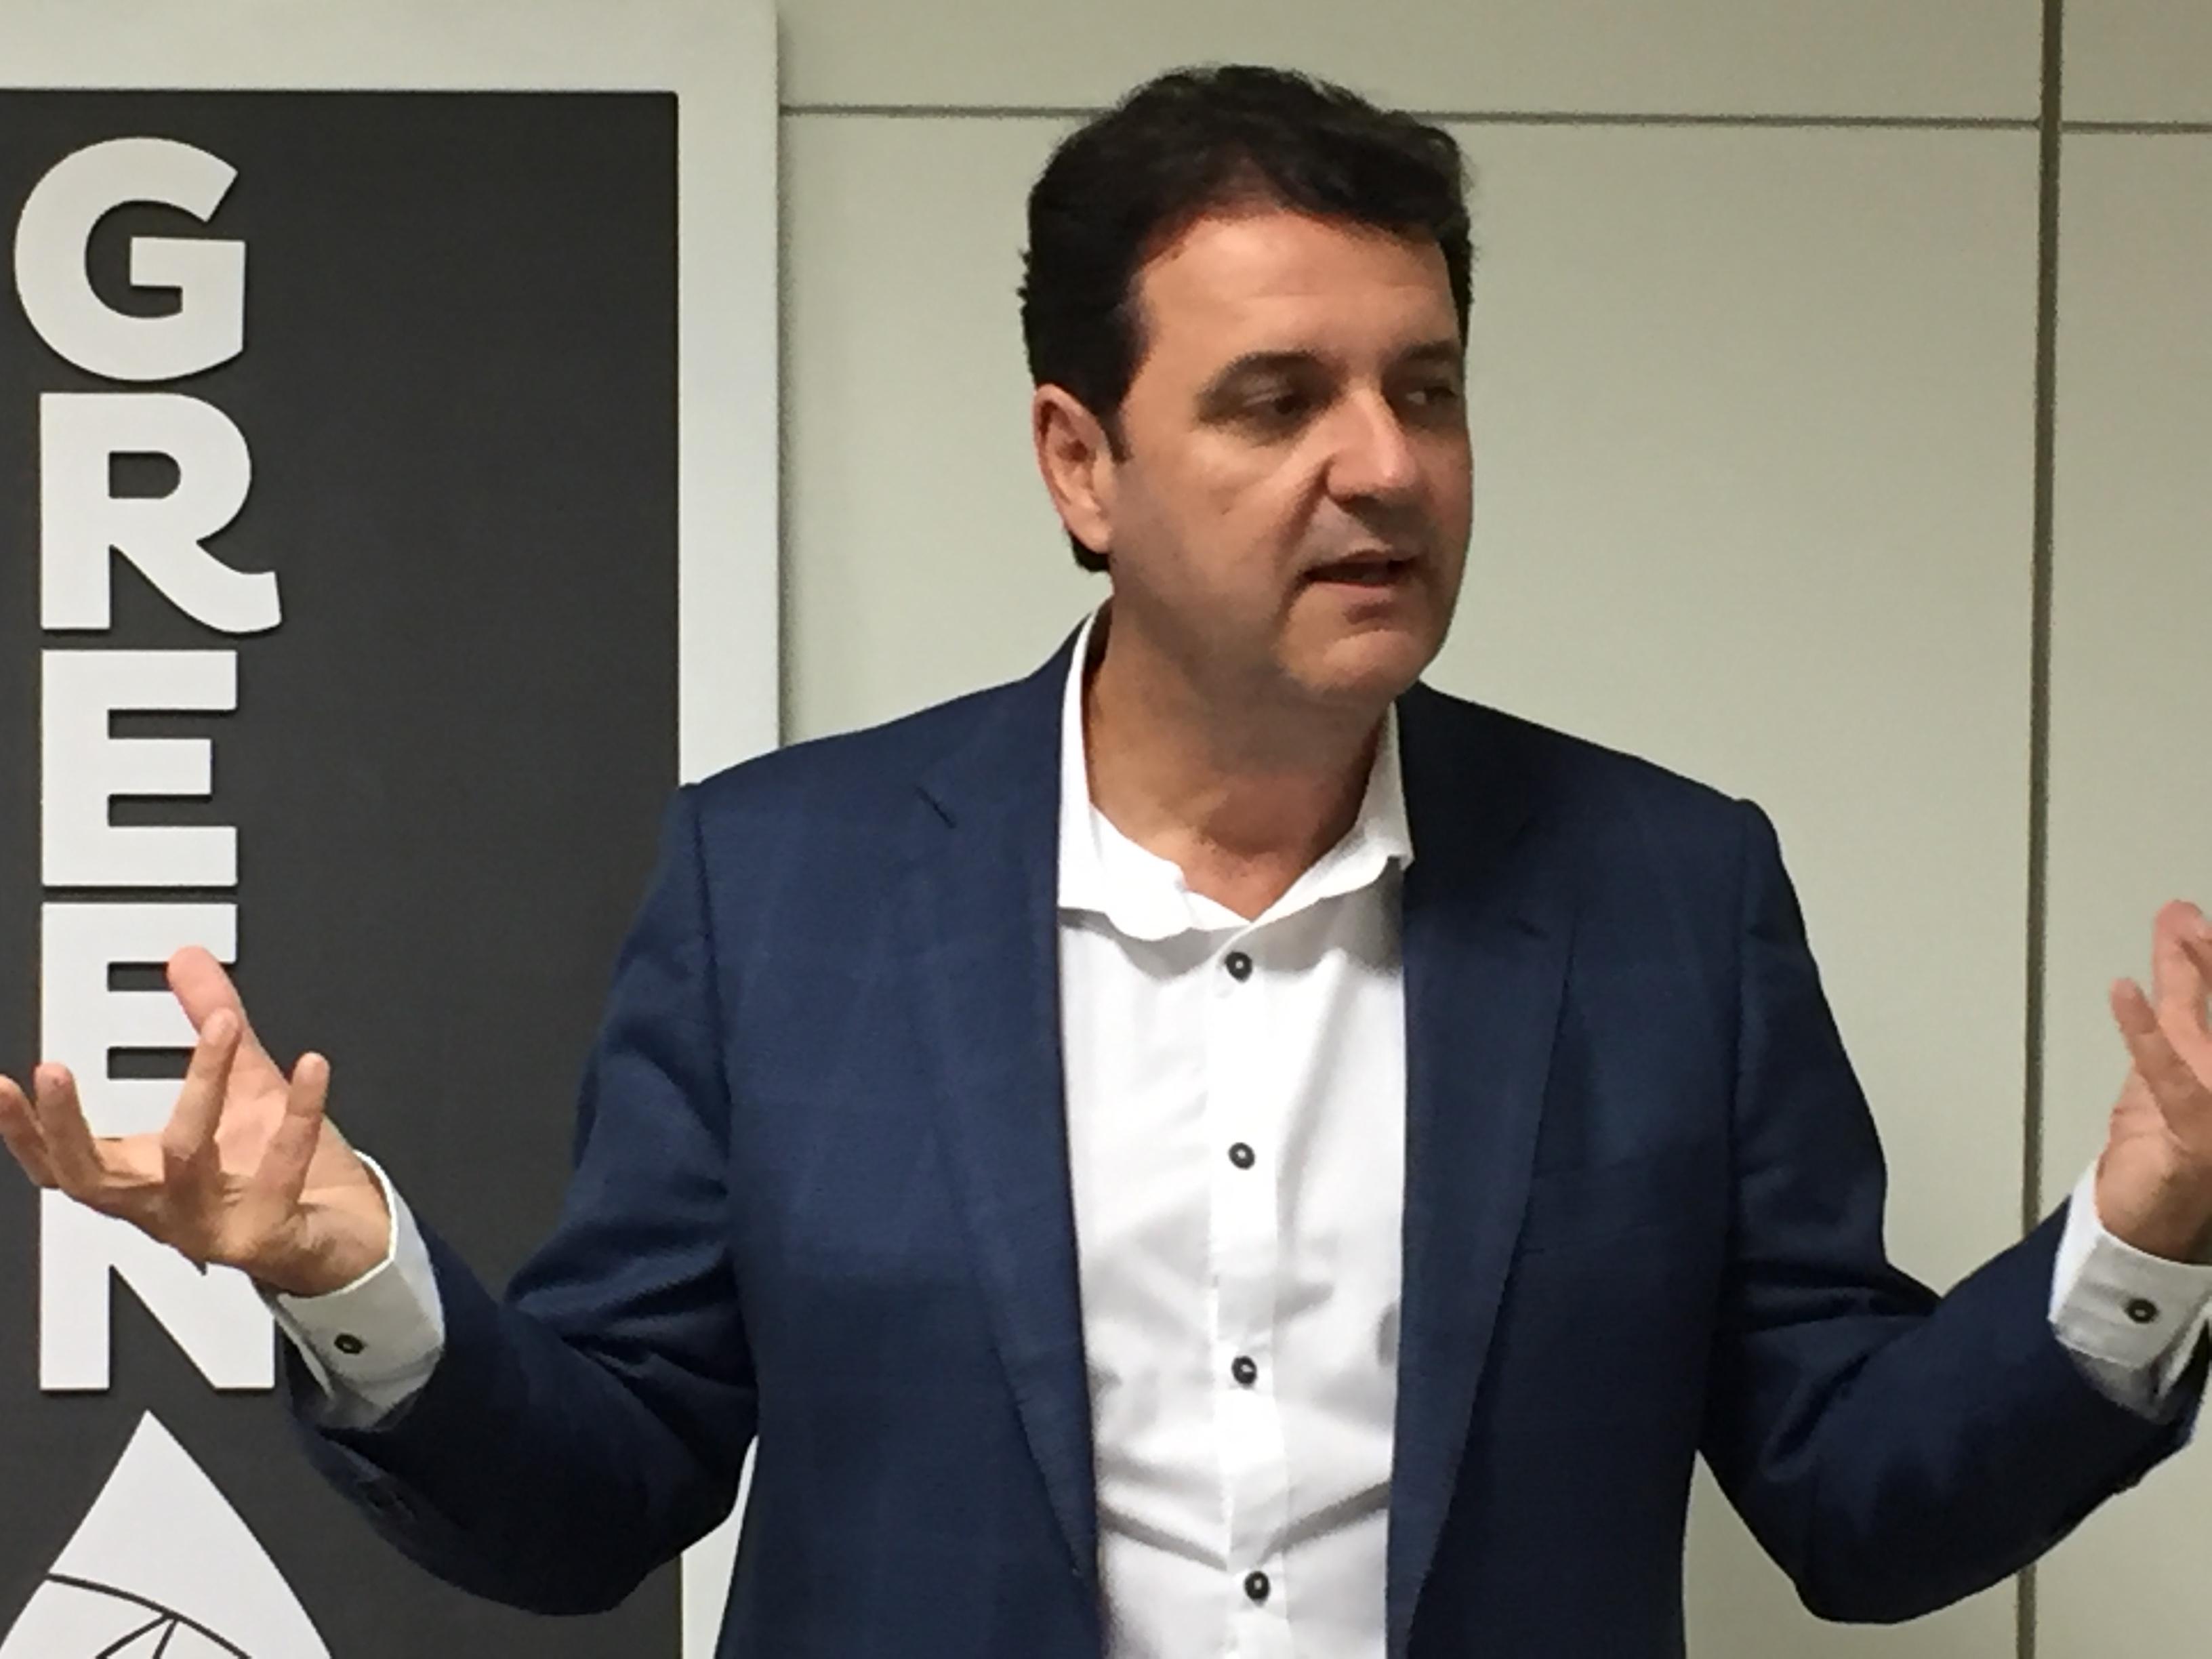 Foto da entrevista sobre a inauguração da GreenPlac, concedida pelo empresário José Maurício Caldeira, da Asperbras